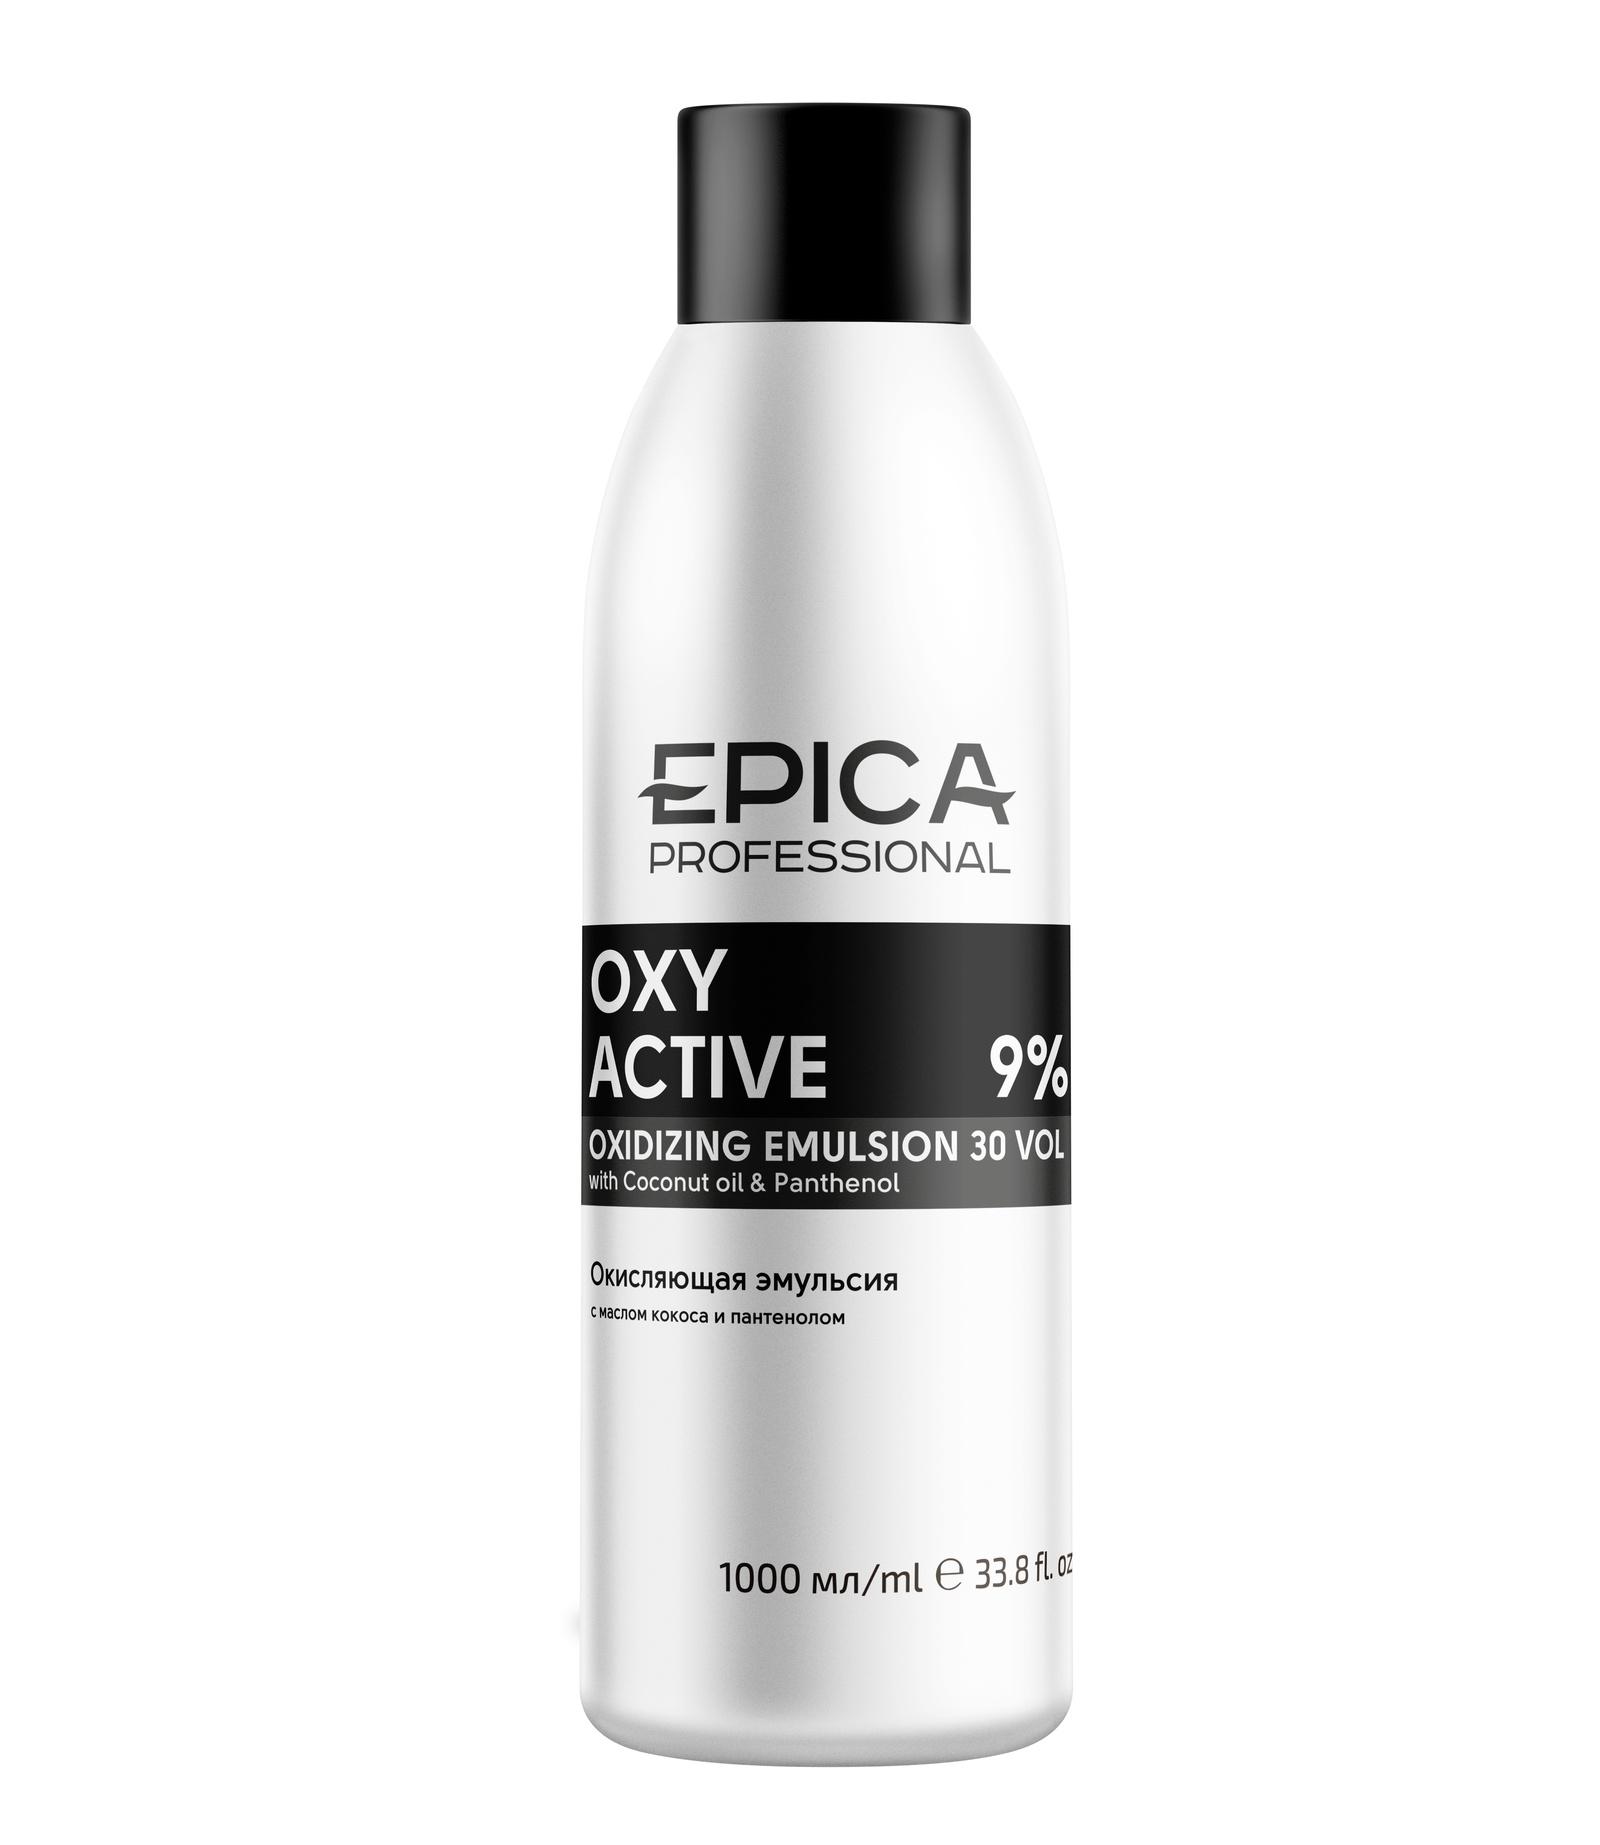 Epica 91237 Кремообразная окисляющая эмульсия 9 % (30 vol) 1000 мл selective professional эмульсия окисляющая специальная 6